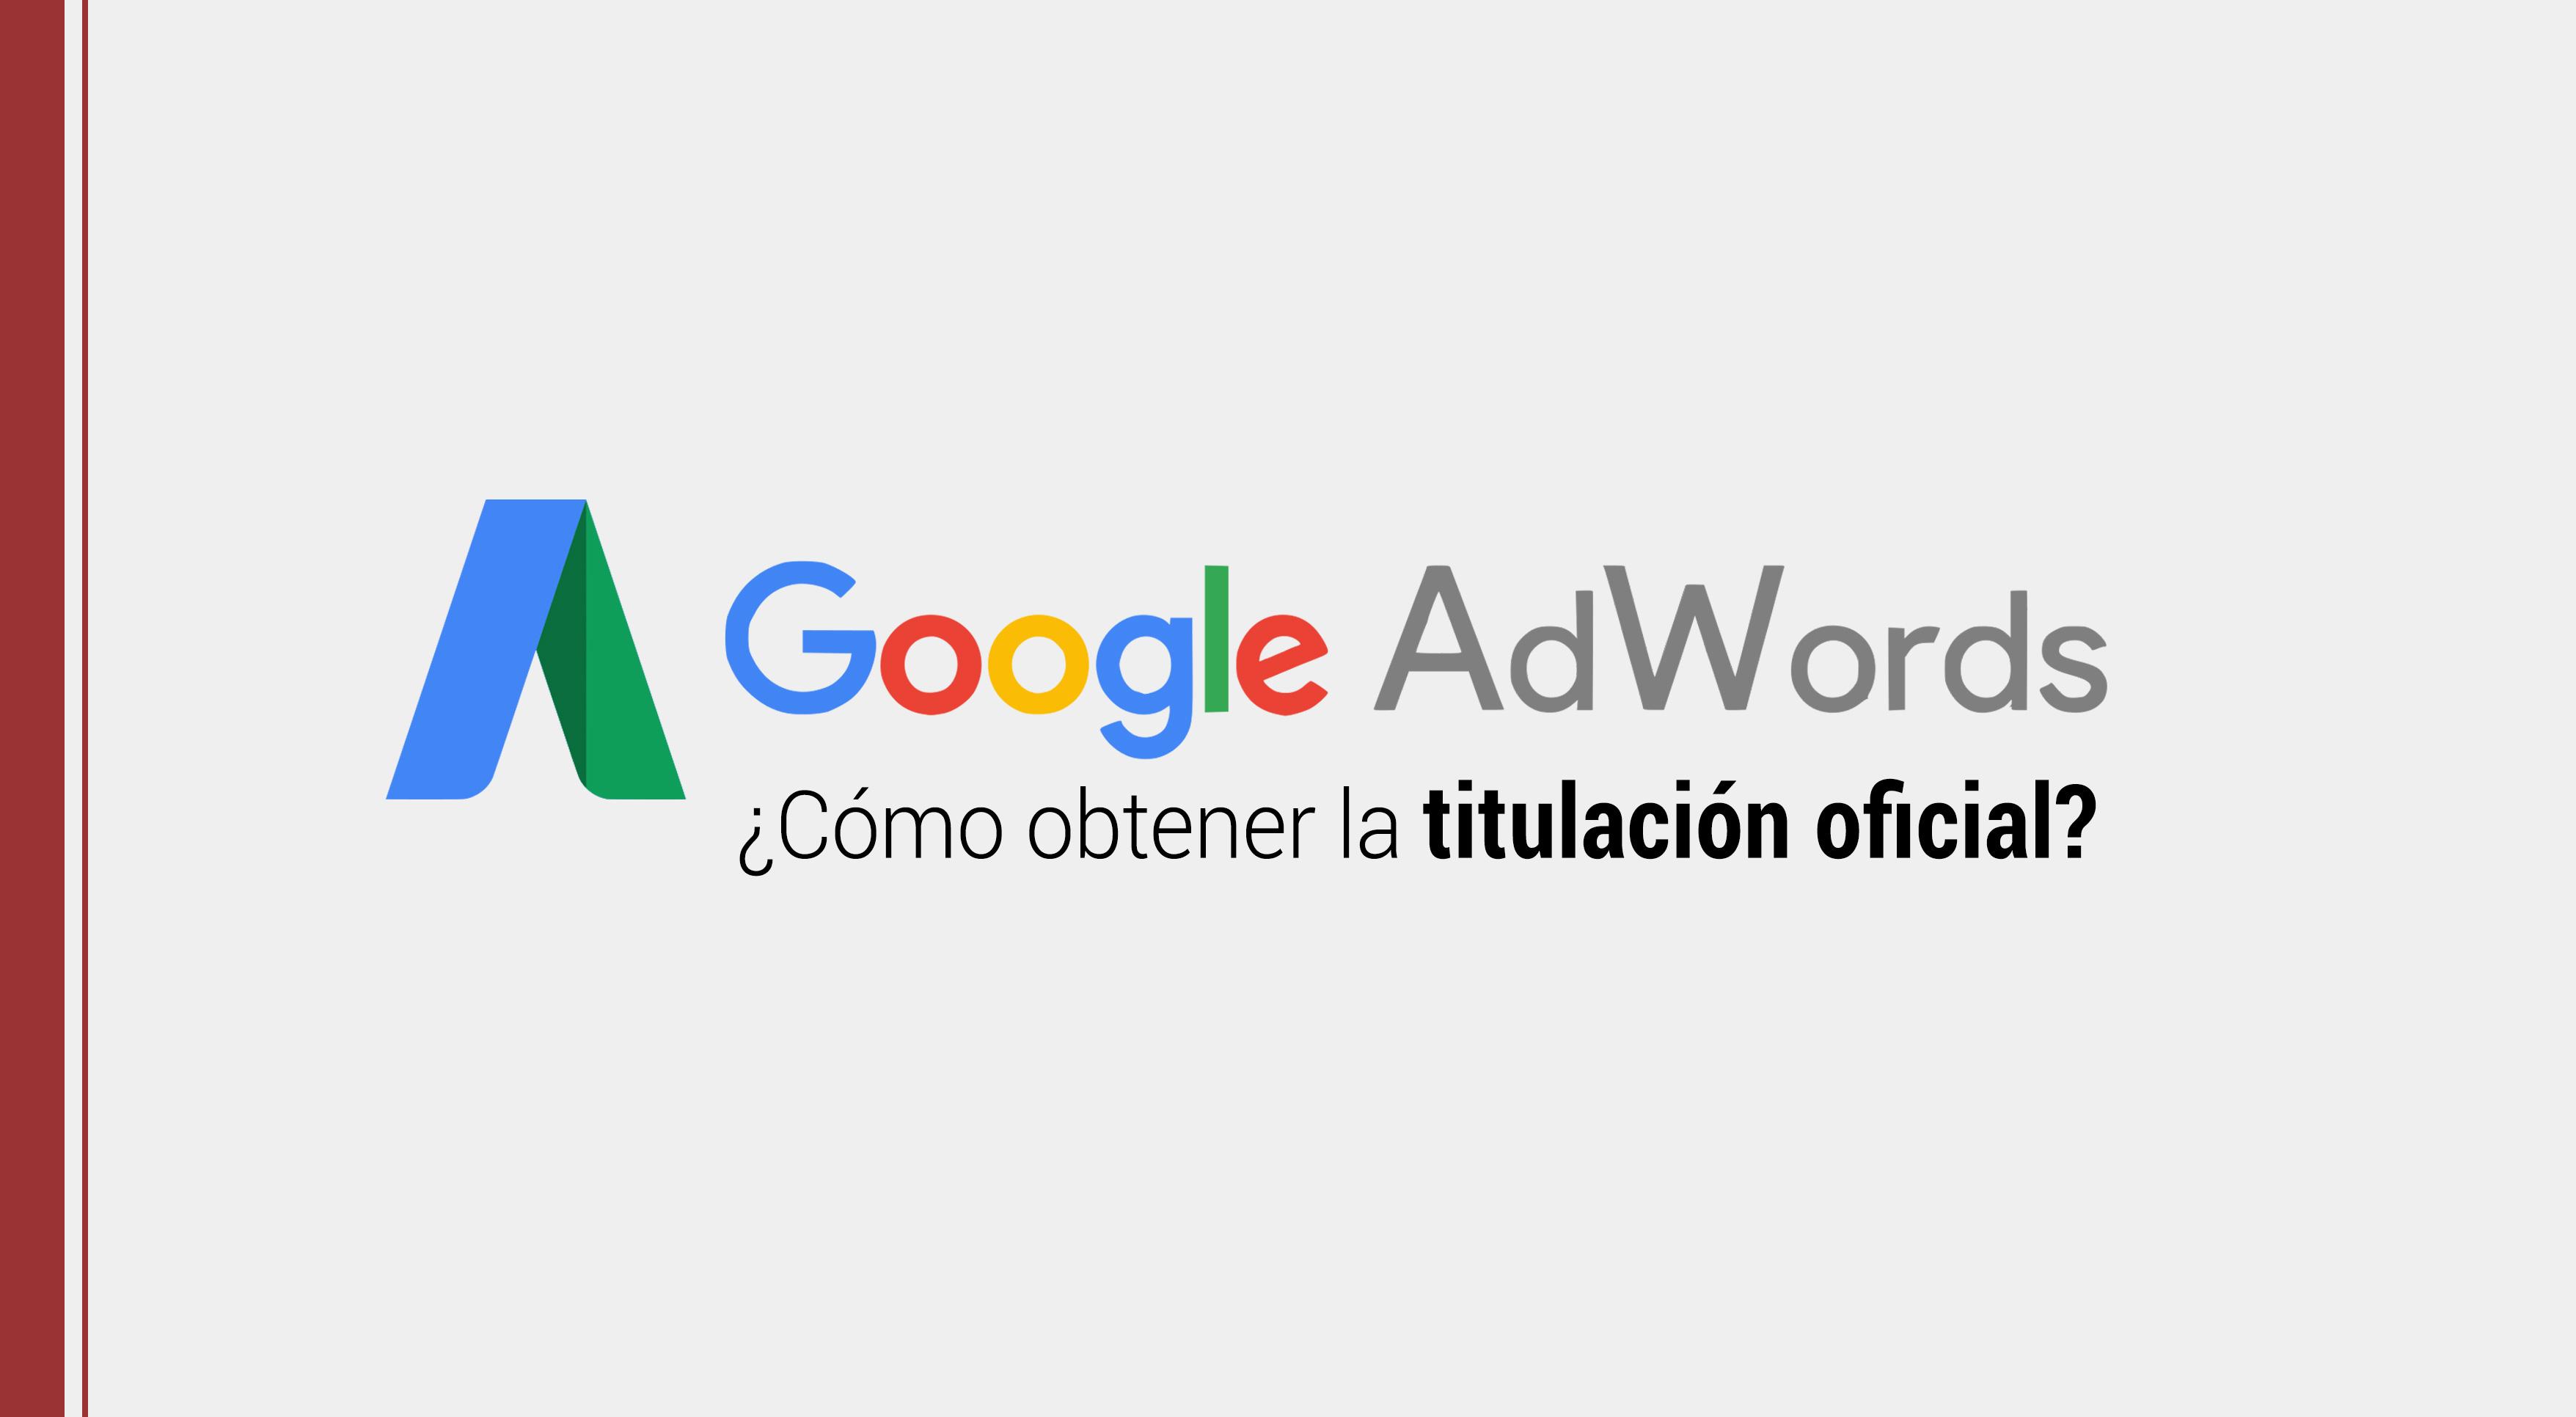 titulacion oficial de google adwords